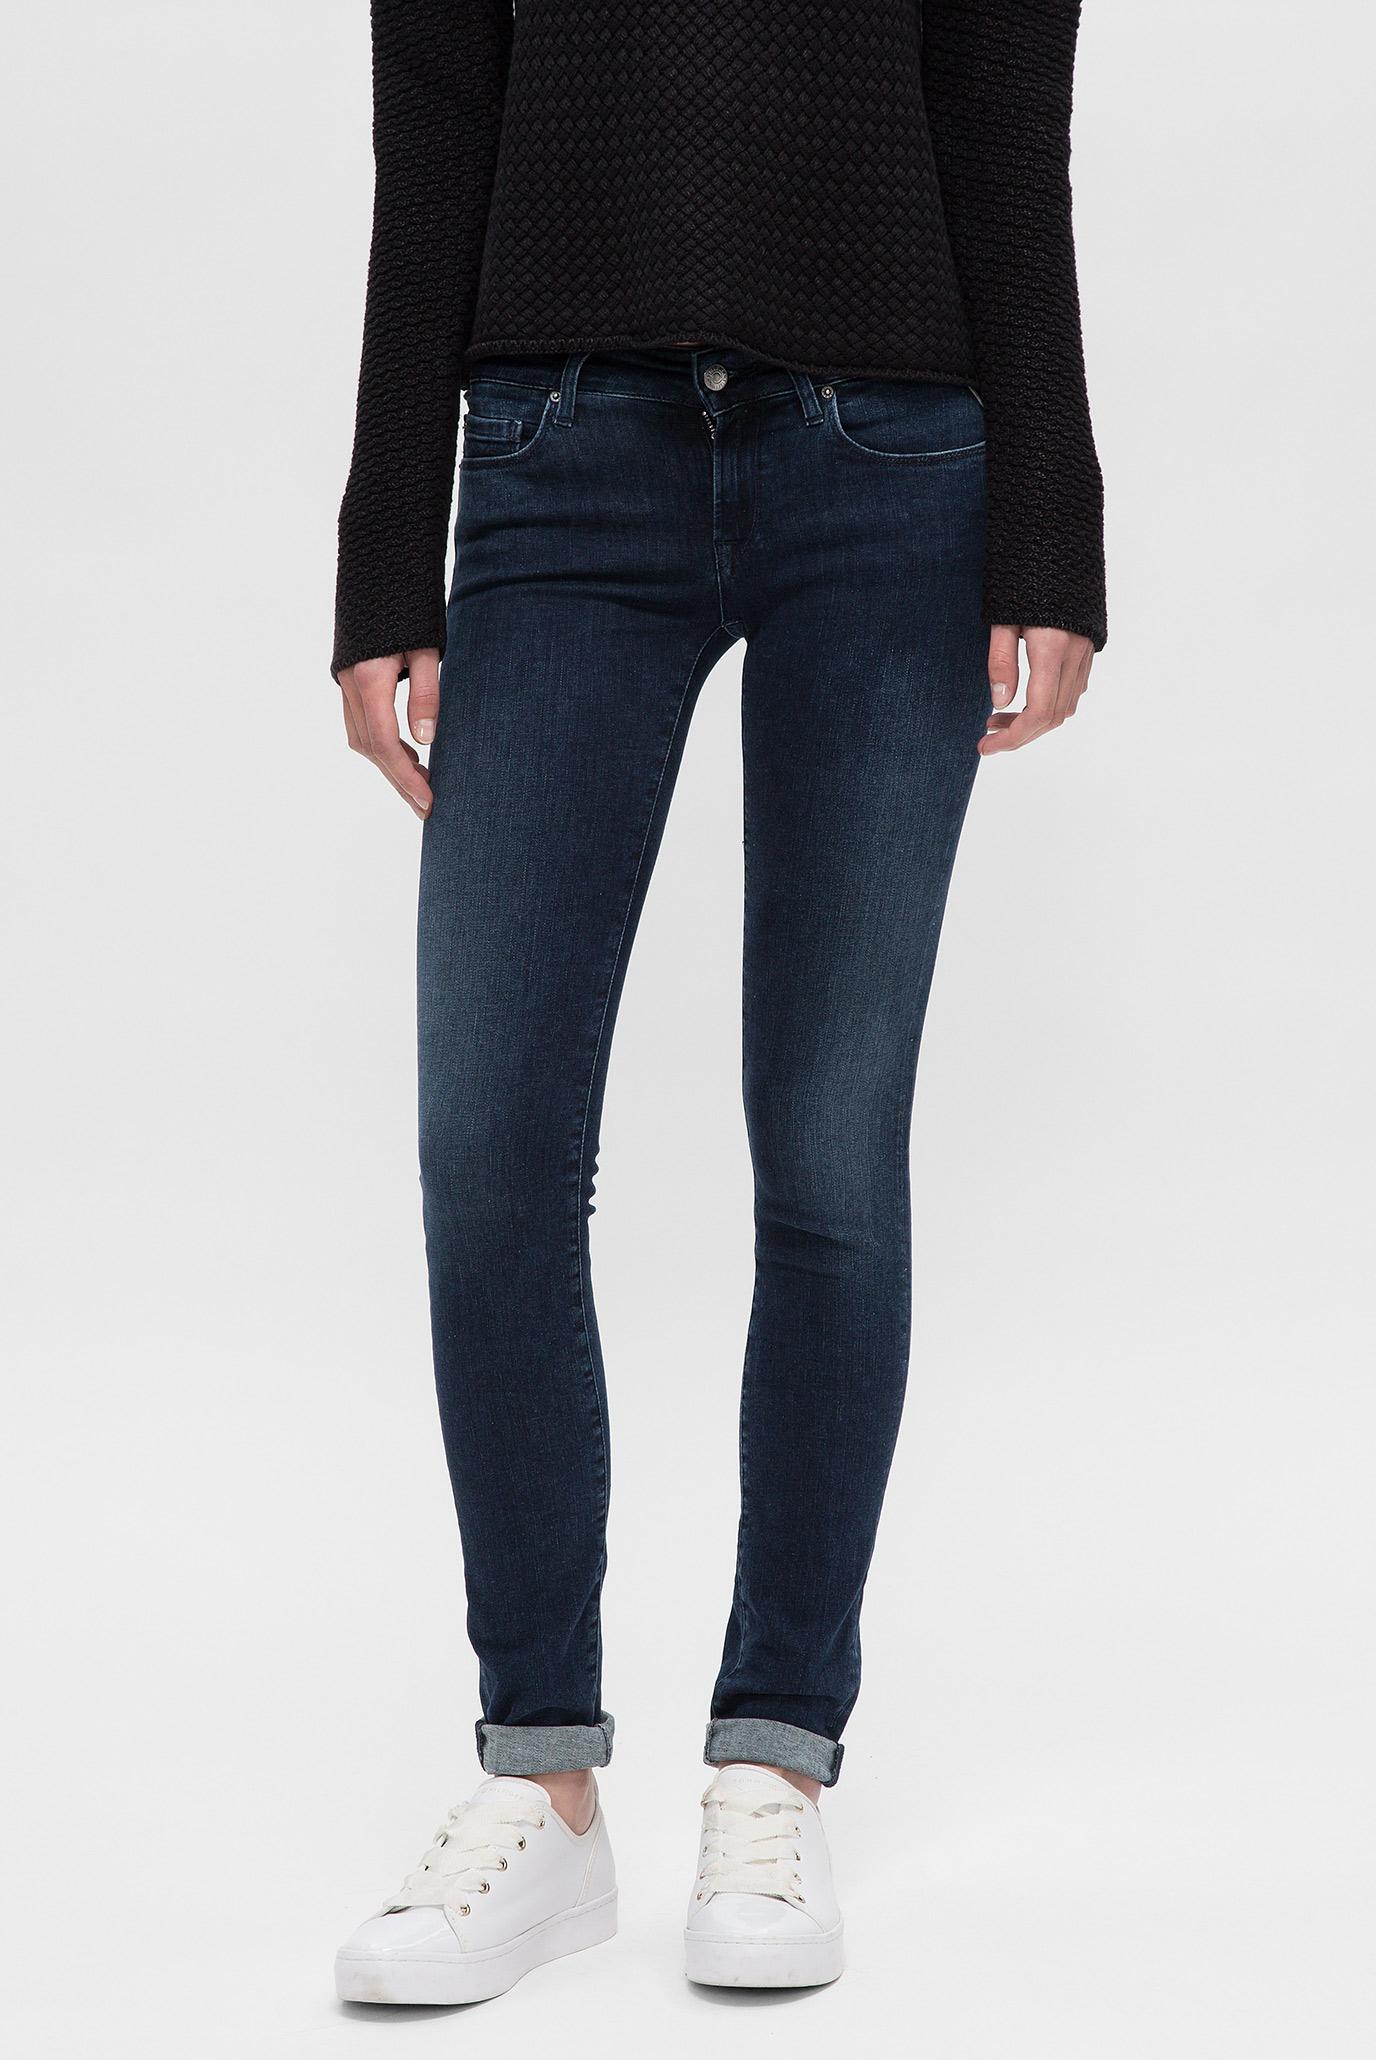 Купить Женские темно-синие джинсы ROSE Replay Replay WX613E.000.71B 325 – Киев, Украина. Цены в интернет магазине MD Fashion